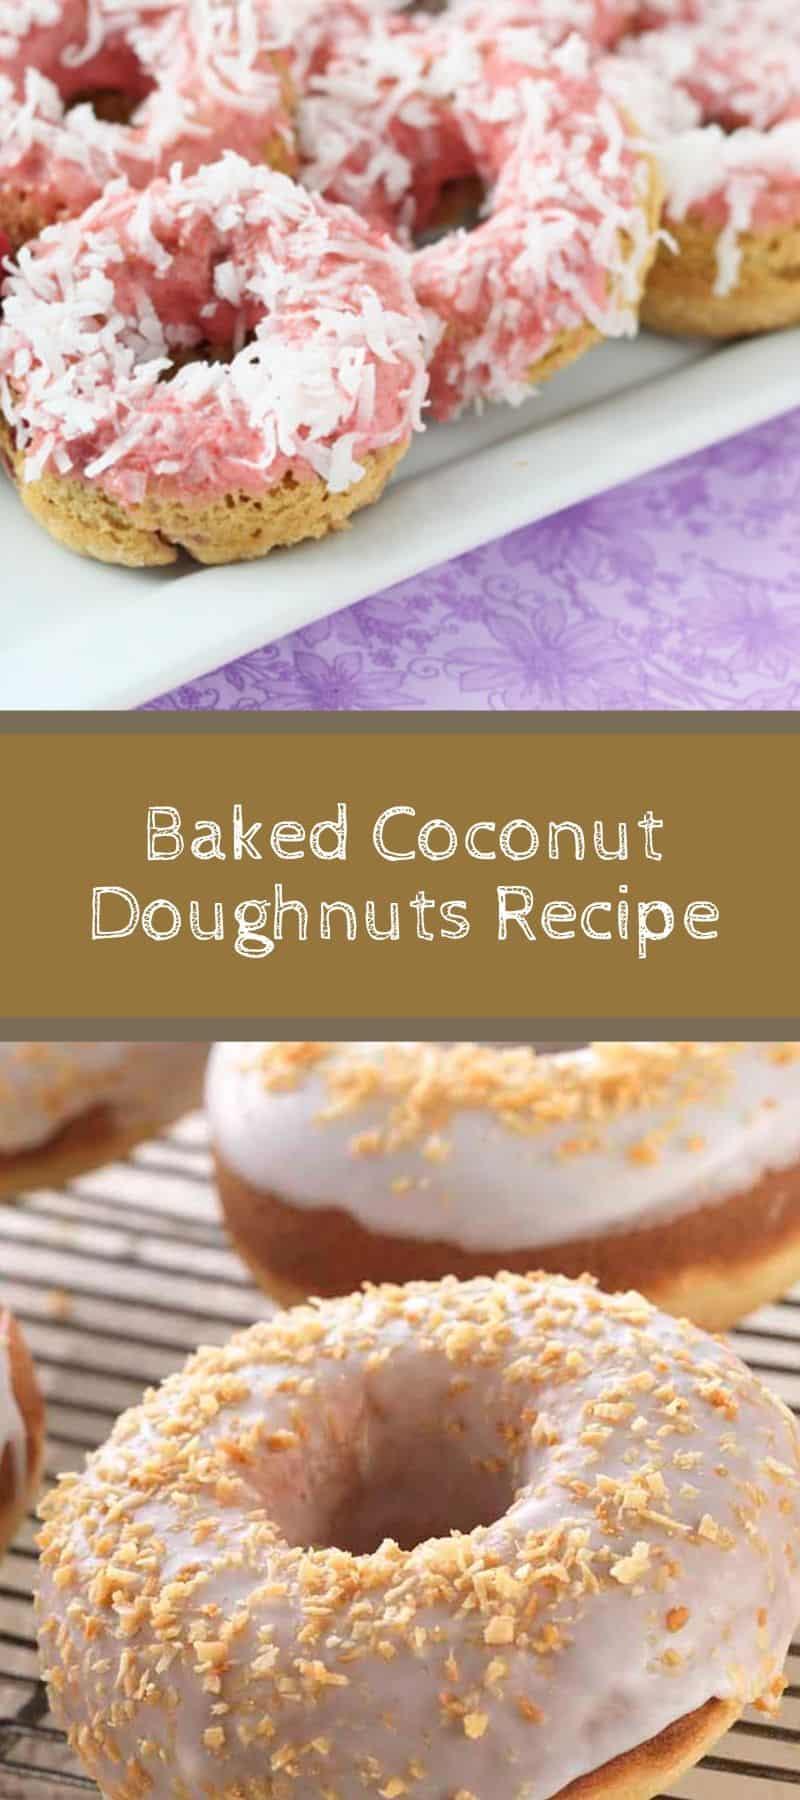 Baked Coconut Doughnuts Recipe